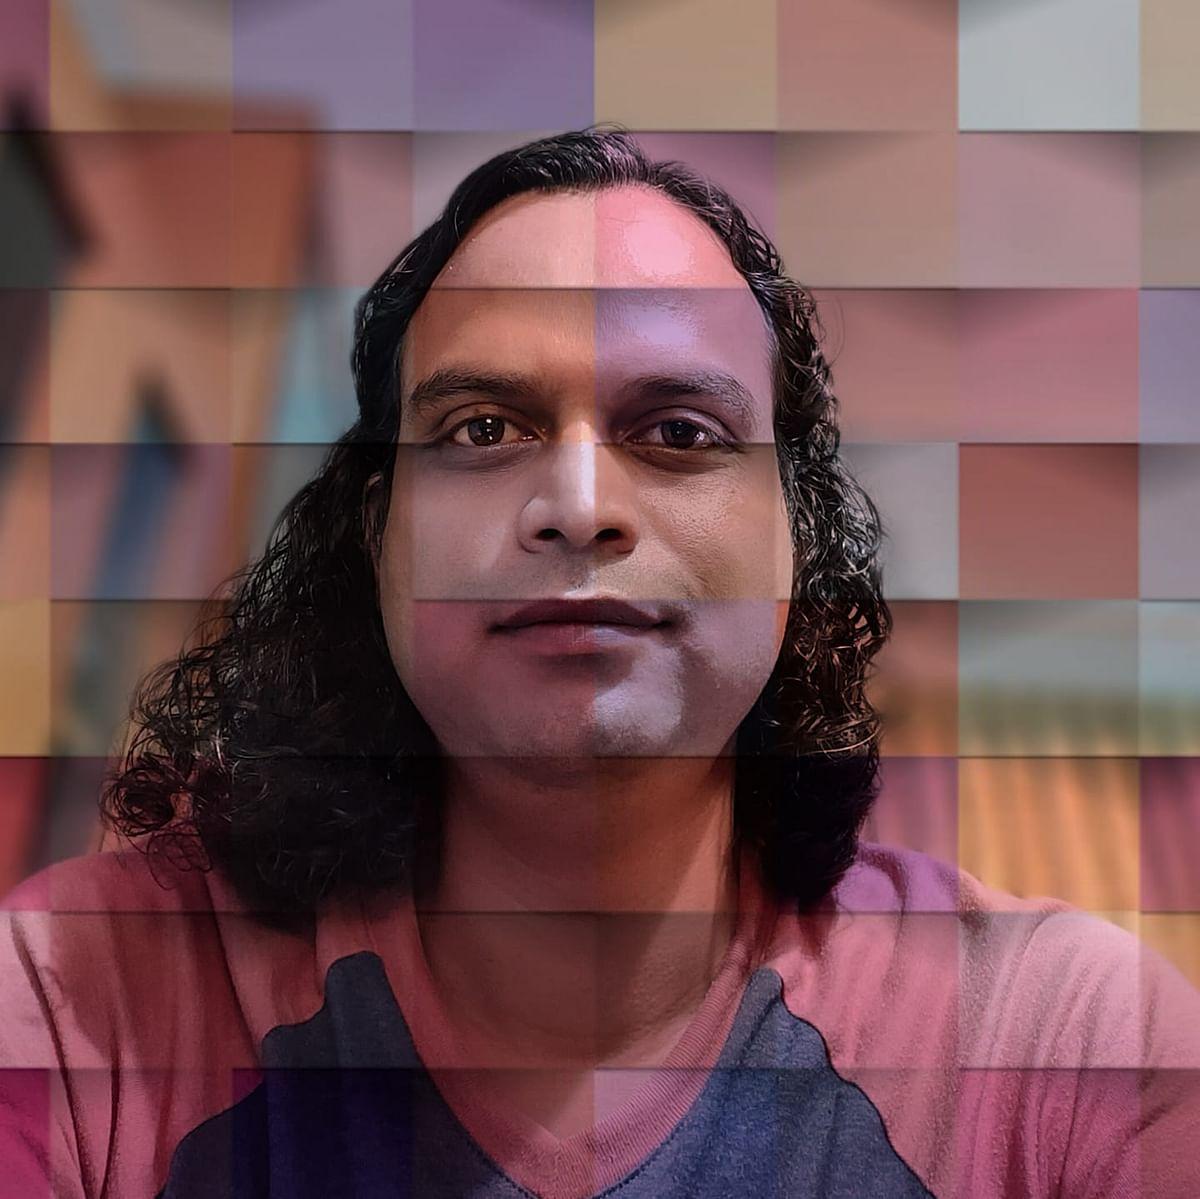 അരുണ് സദാനന്ദന്